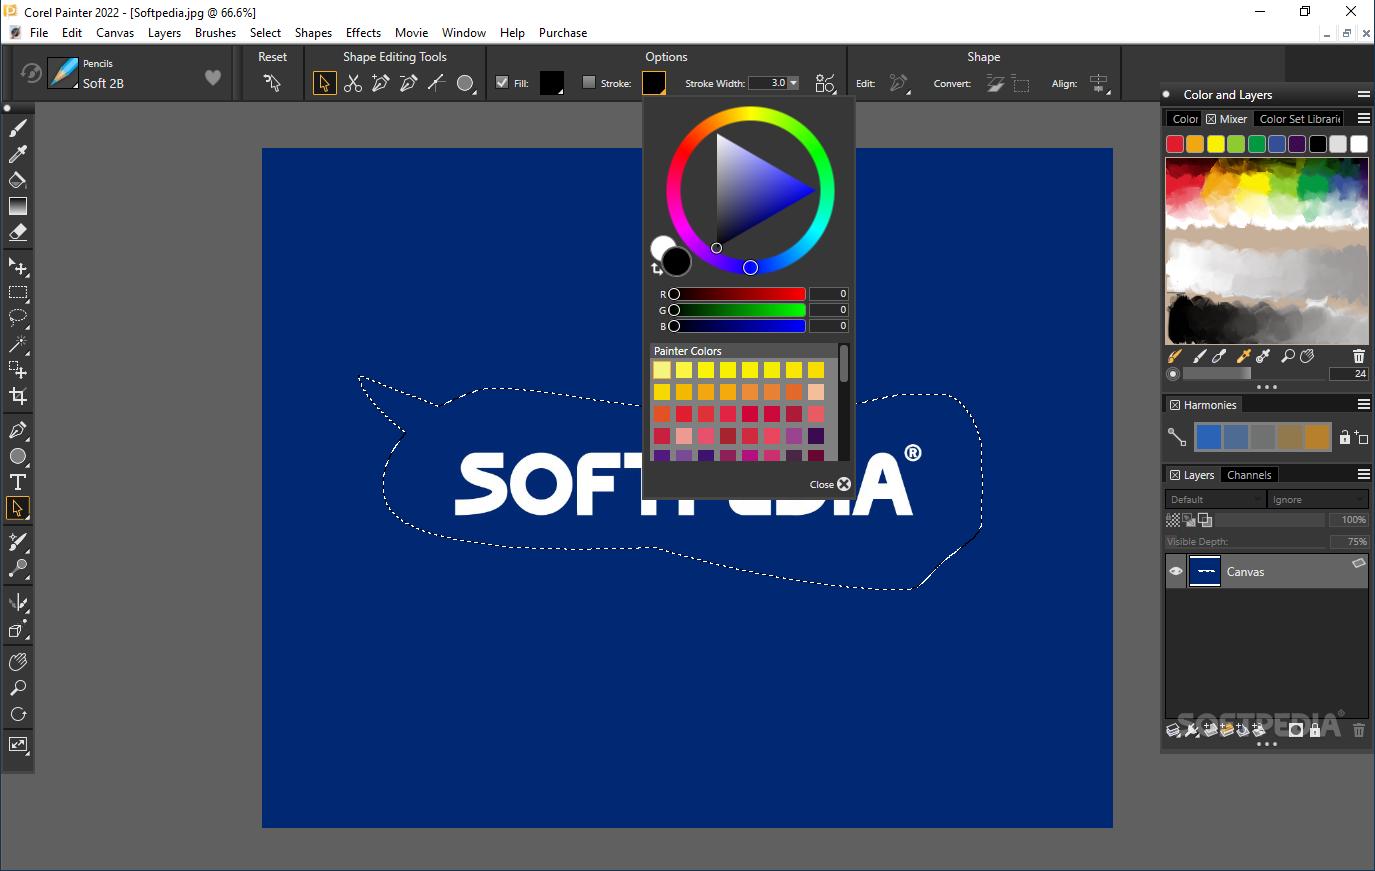 Download Corel Painter 2020 20 0 0 256